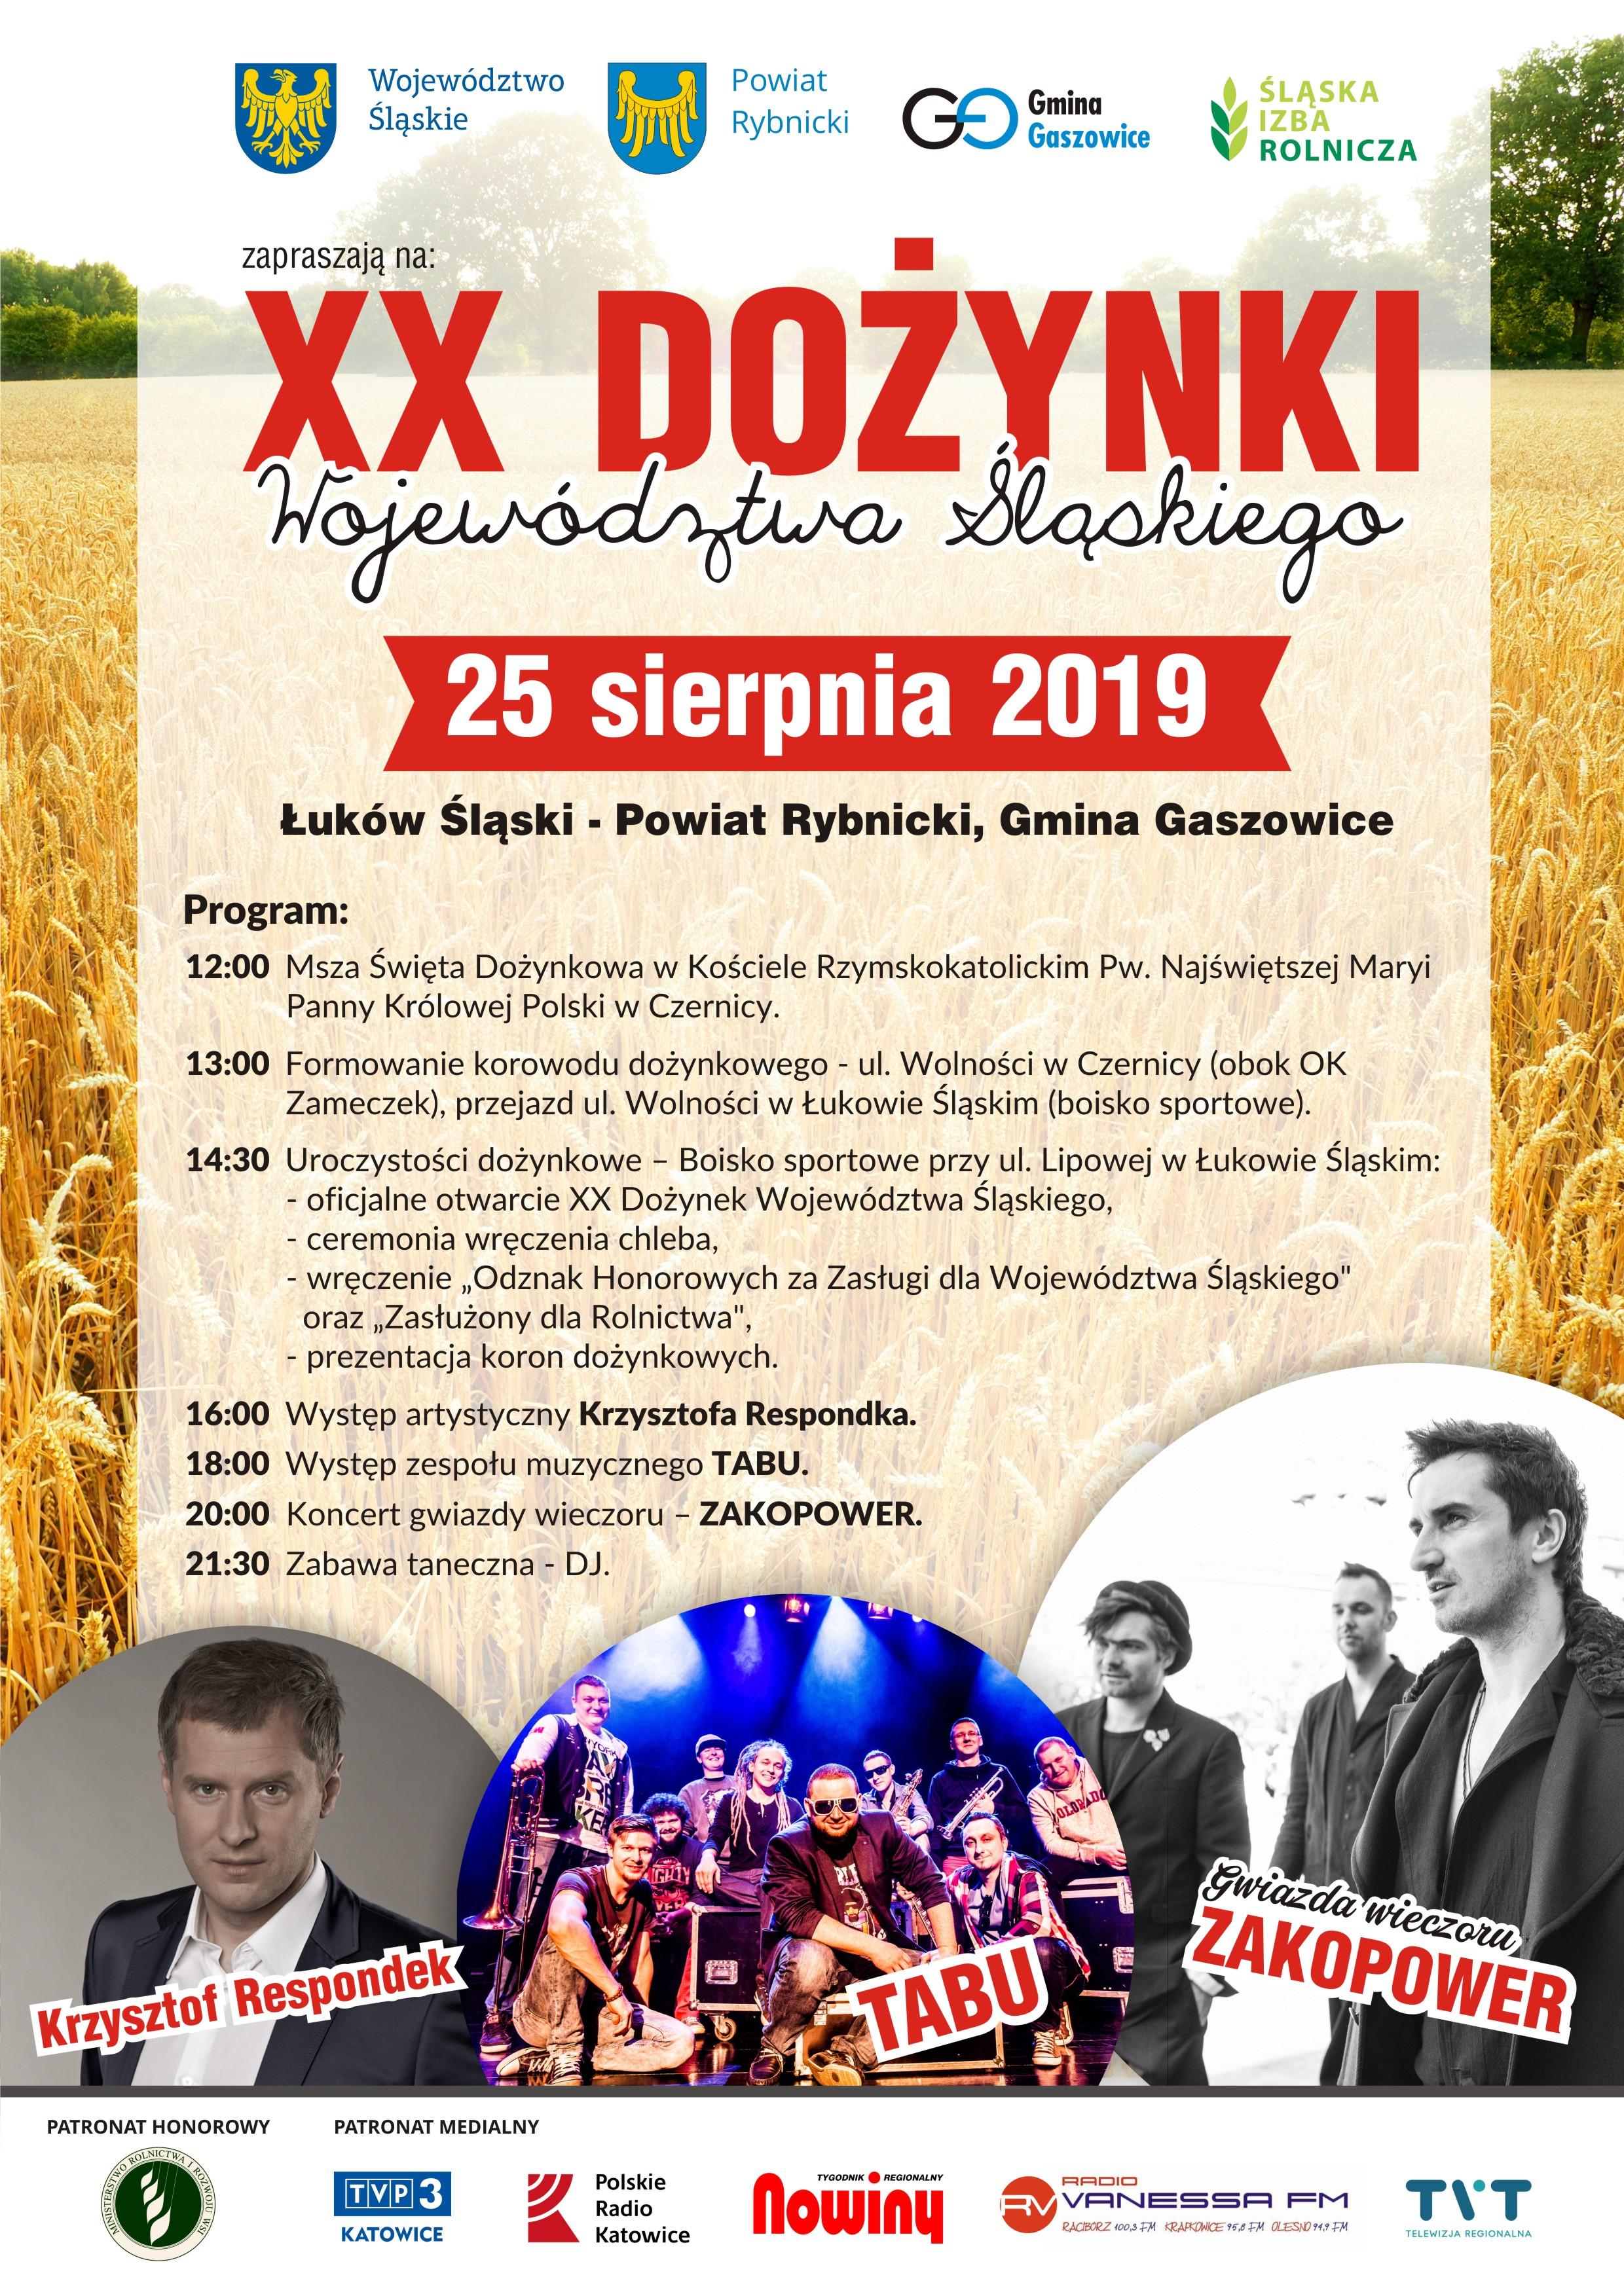 XX Dożynki Województwa Śląskiego 25 sierpnia 2019